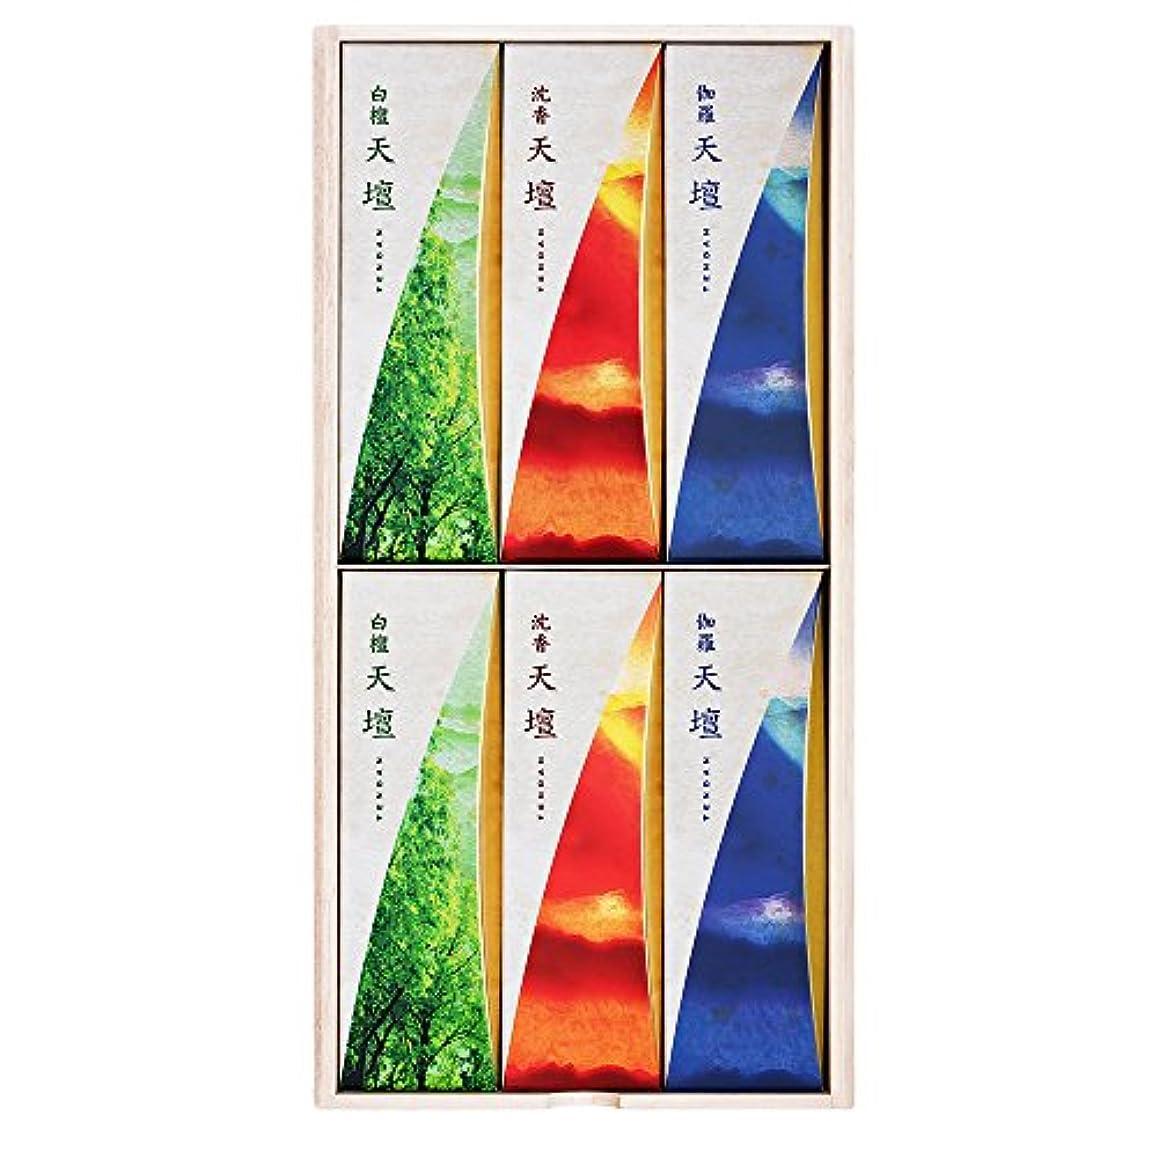 のり本当のことを言うとピラミッド天壇進物5000 桐箱 包装品 (白檀の香り2箱、沈香の香り2箱、伽羅の香り2箱)